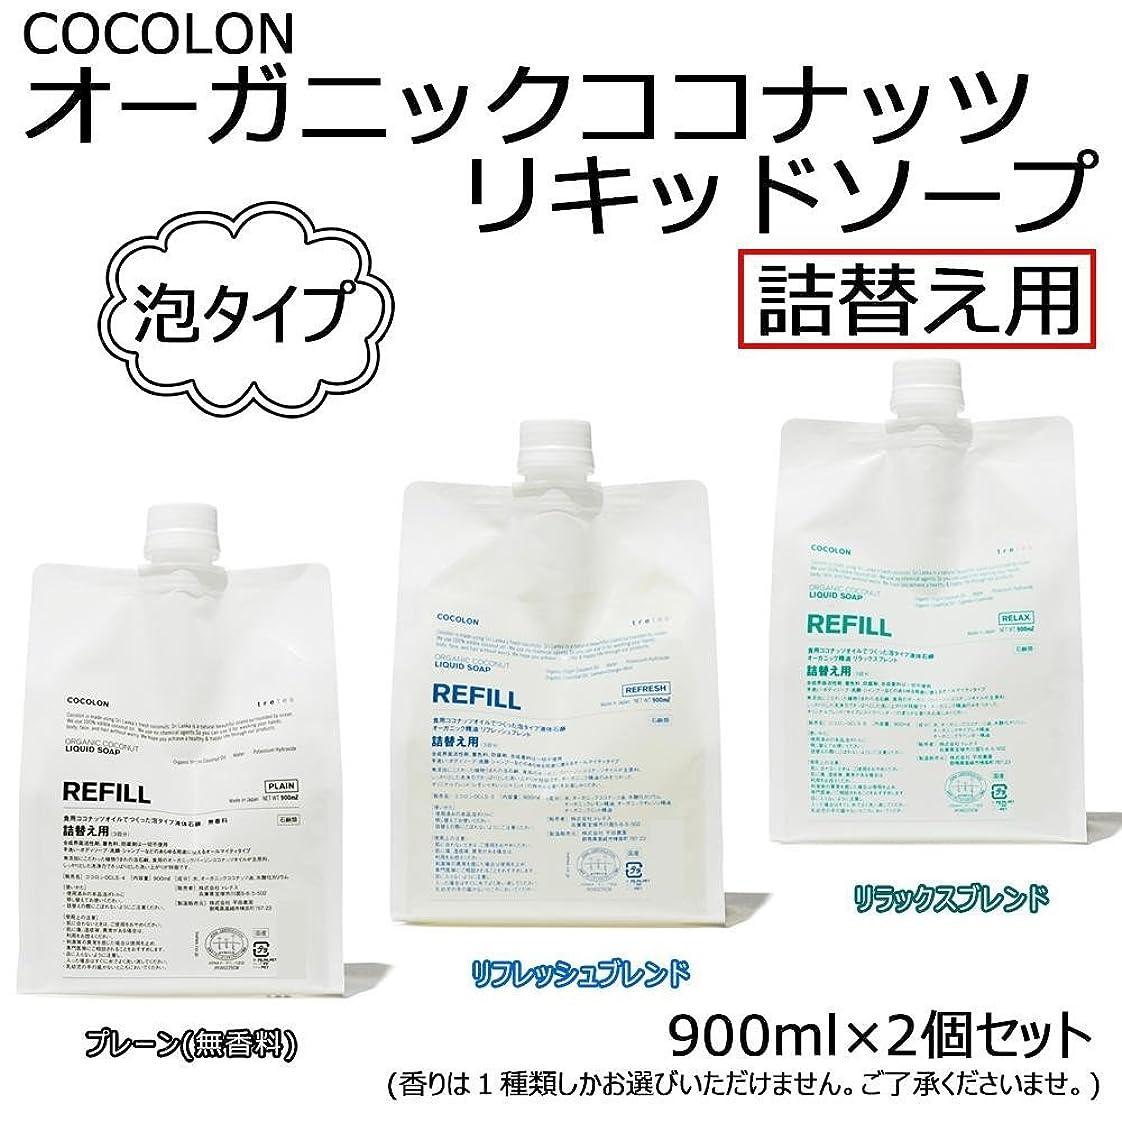 遡るマッシュ有害なCOCOLON ココロン オーガニックココナッツリキッドソープ 泡タイプ 詰替え用 900ml 2個セット【同梱?代引不可】 ■3種類の内「リラックスブレンド」のみです